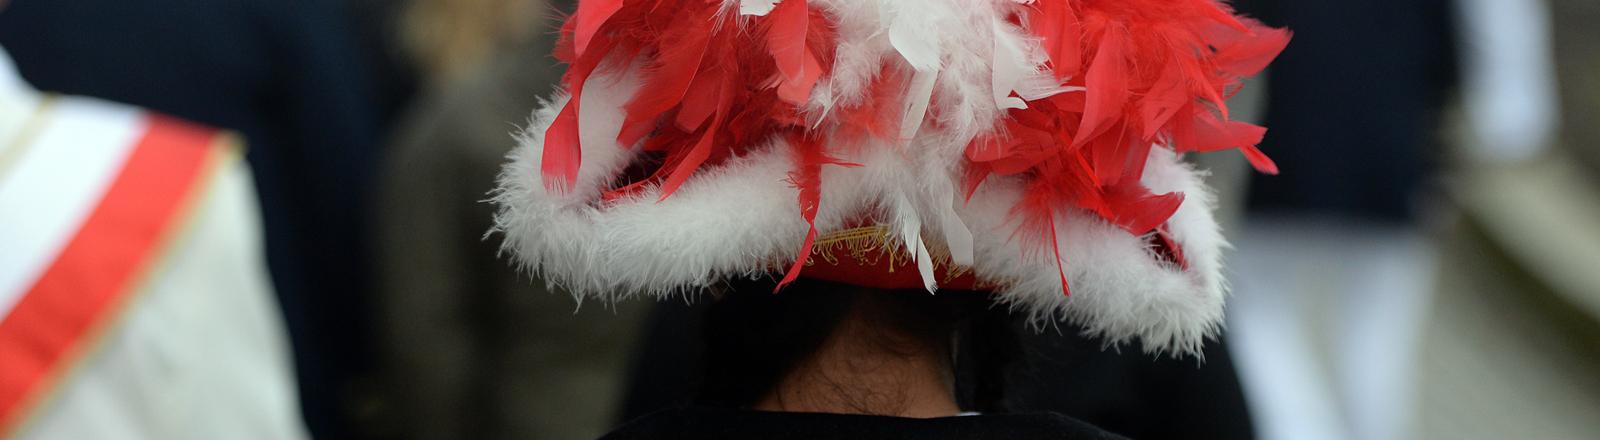 Närrinnen und Narren laufen am 11.11.2013 in ihren Kostümen zum Karnevalsauftakt vor das Rathaus in Potsdam (Brandenburg). Die fünfte Jahreszeit dauert bis zum Aschermittwoch. Foto: Ralf Hirschberger/ZB